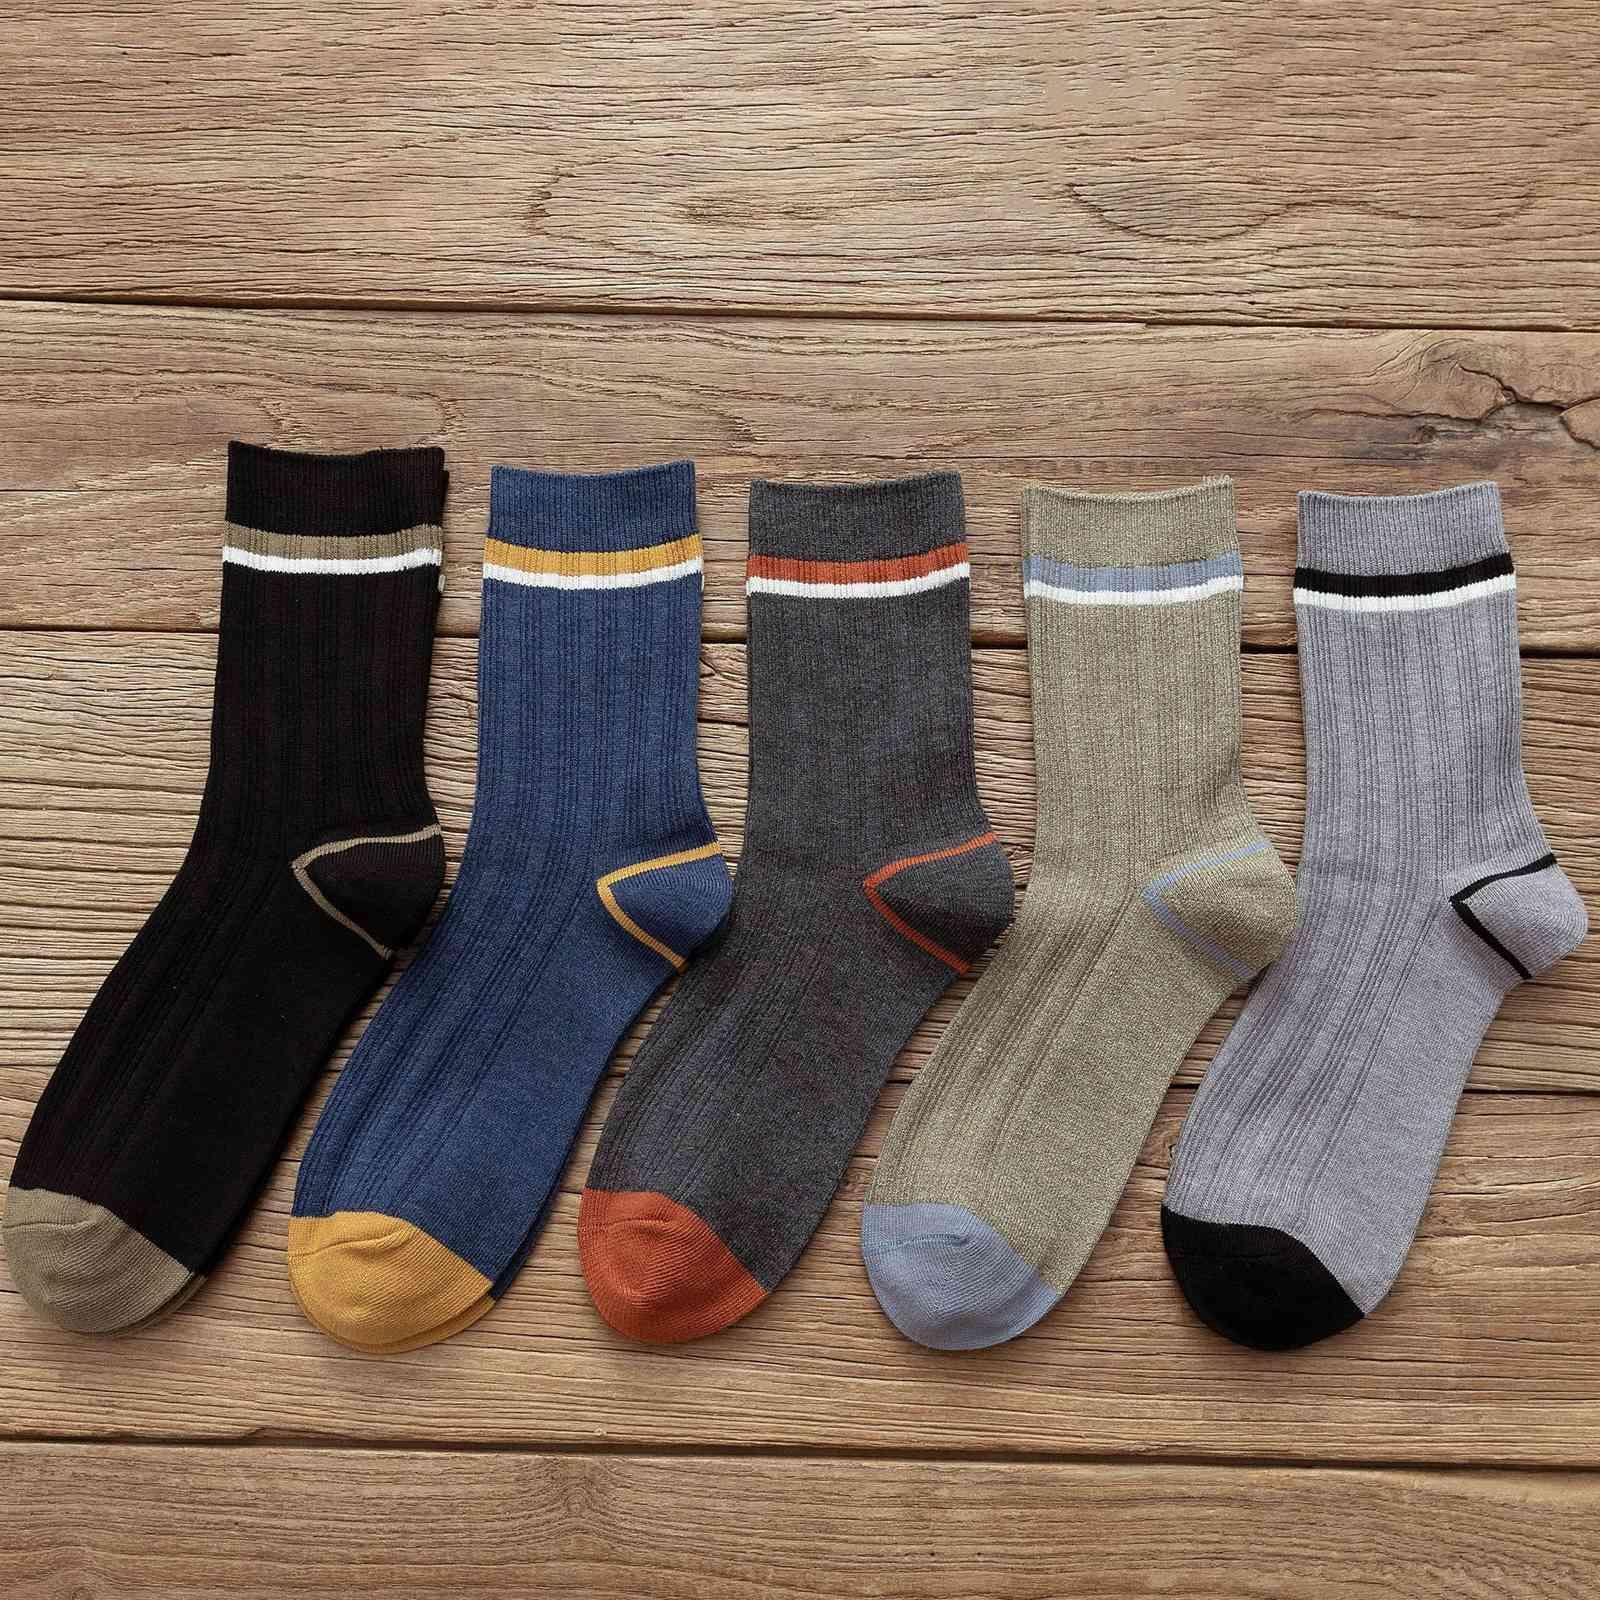 Outono inverno moda masculina business casual meias confortáveis e respiráveis meias vertical bar horizontal